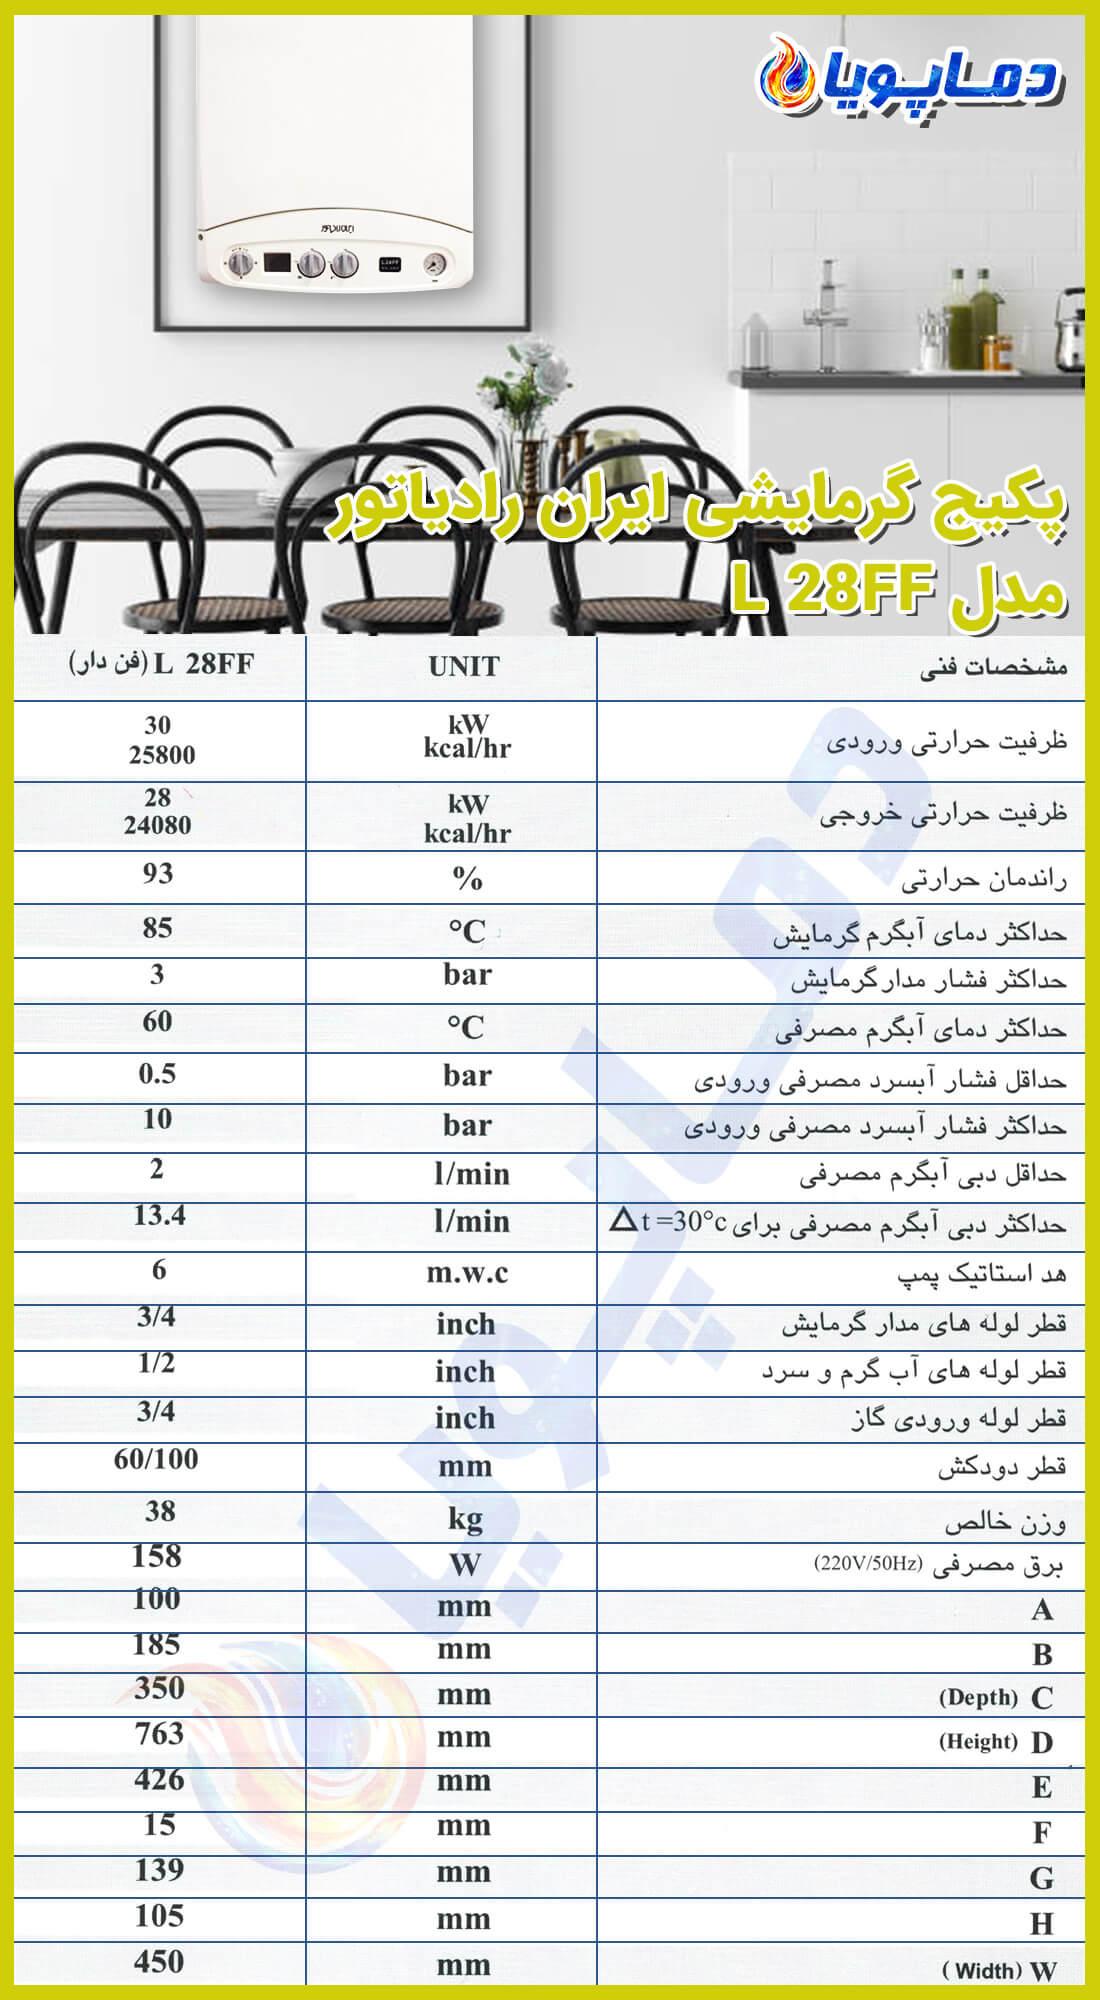 کاتالوگ پکیج دیواری ایران رادیاتور 28000 مدل L28FF